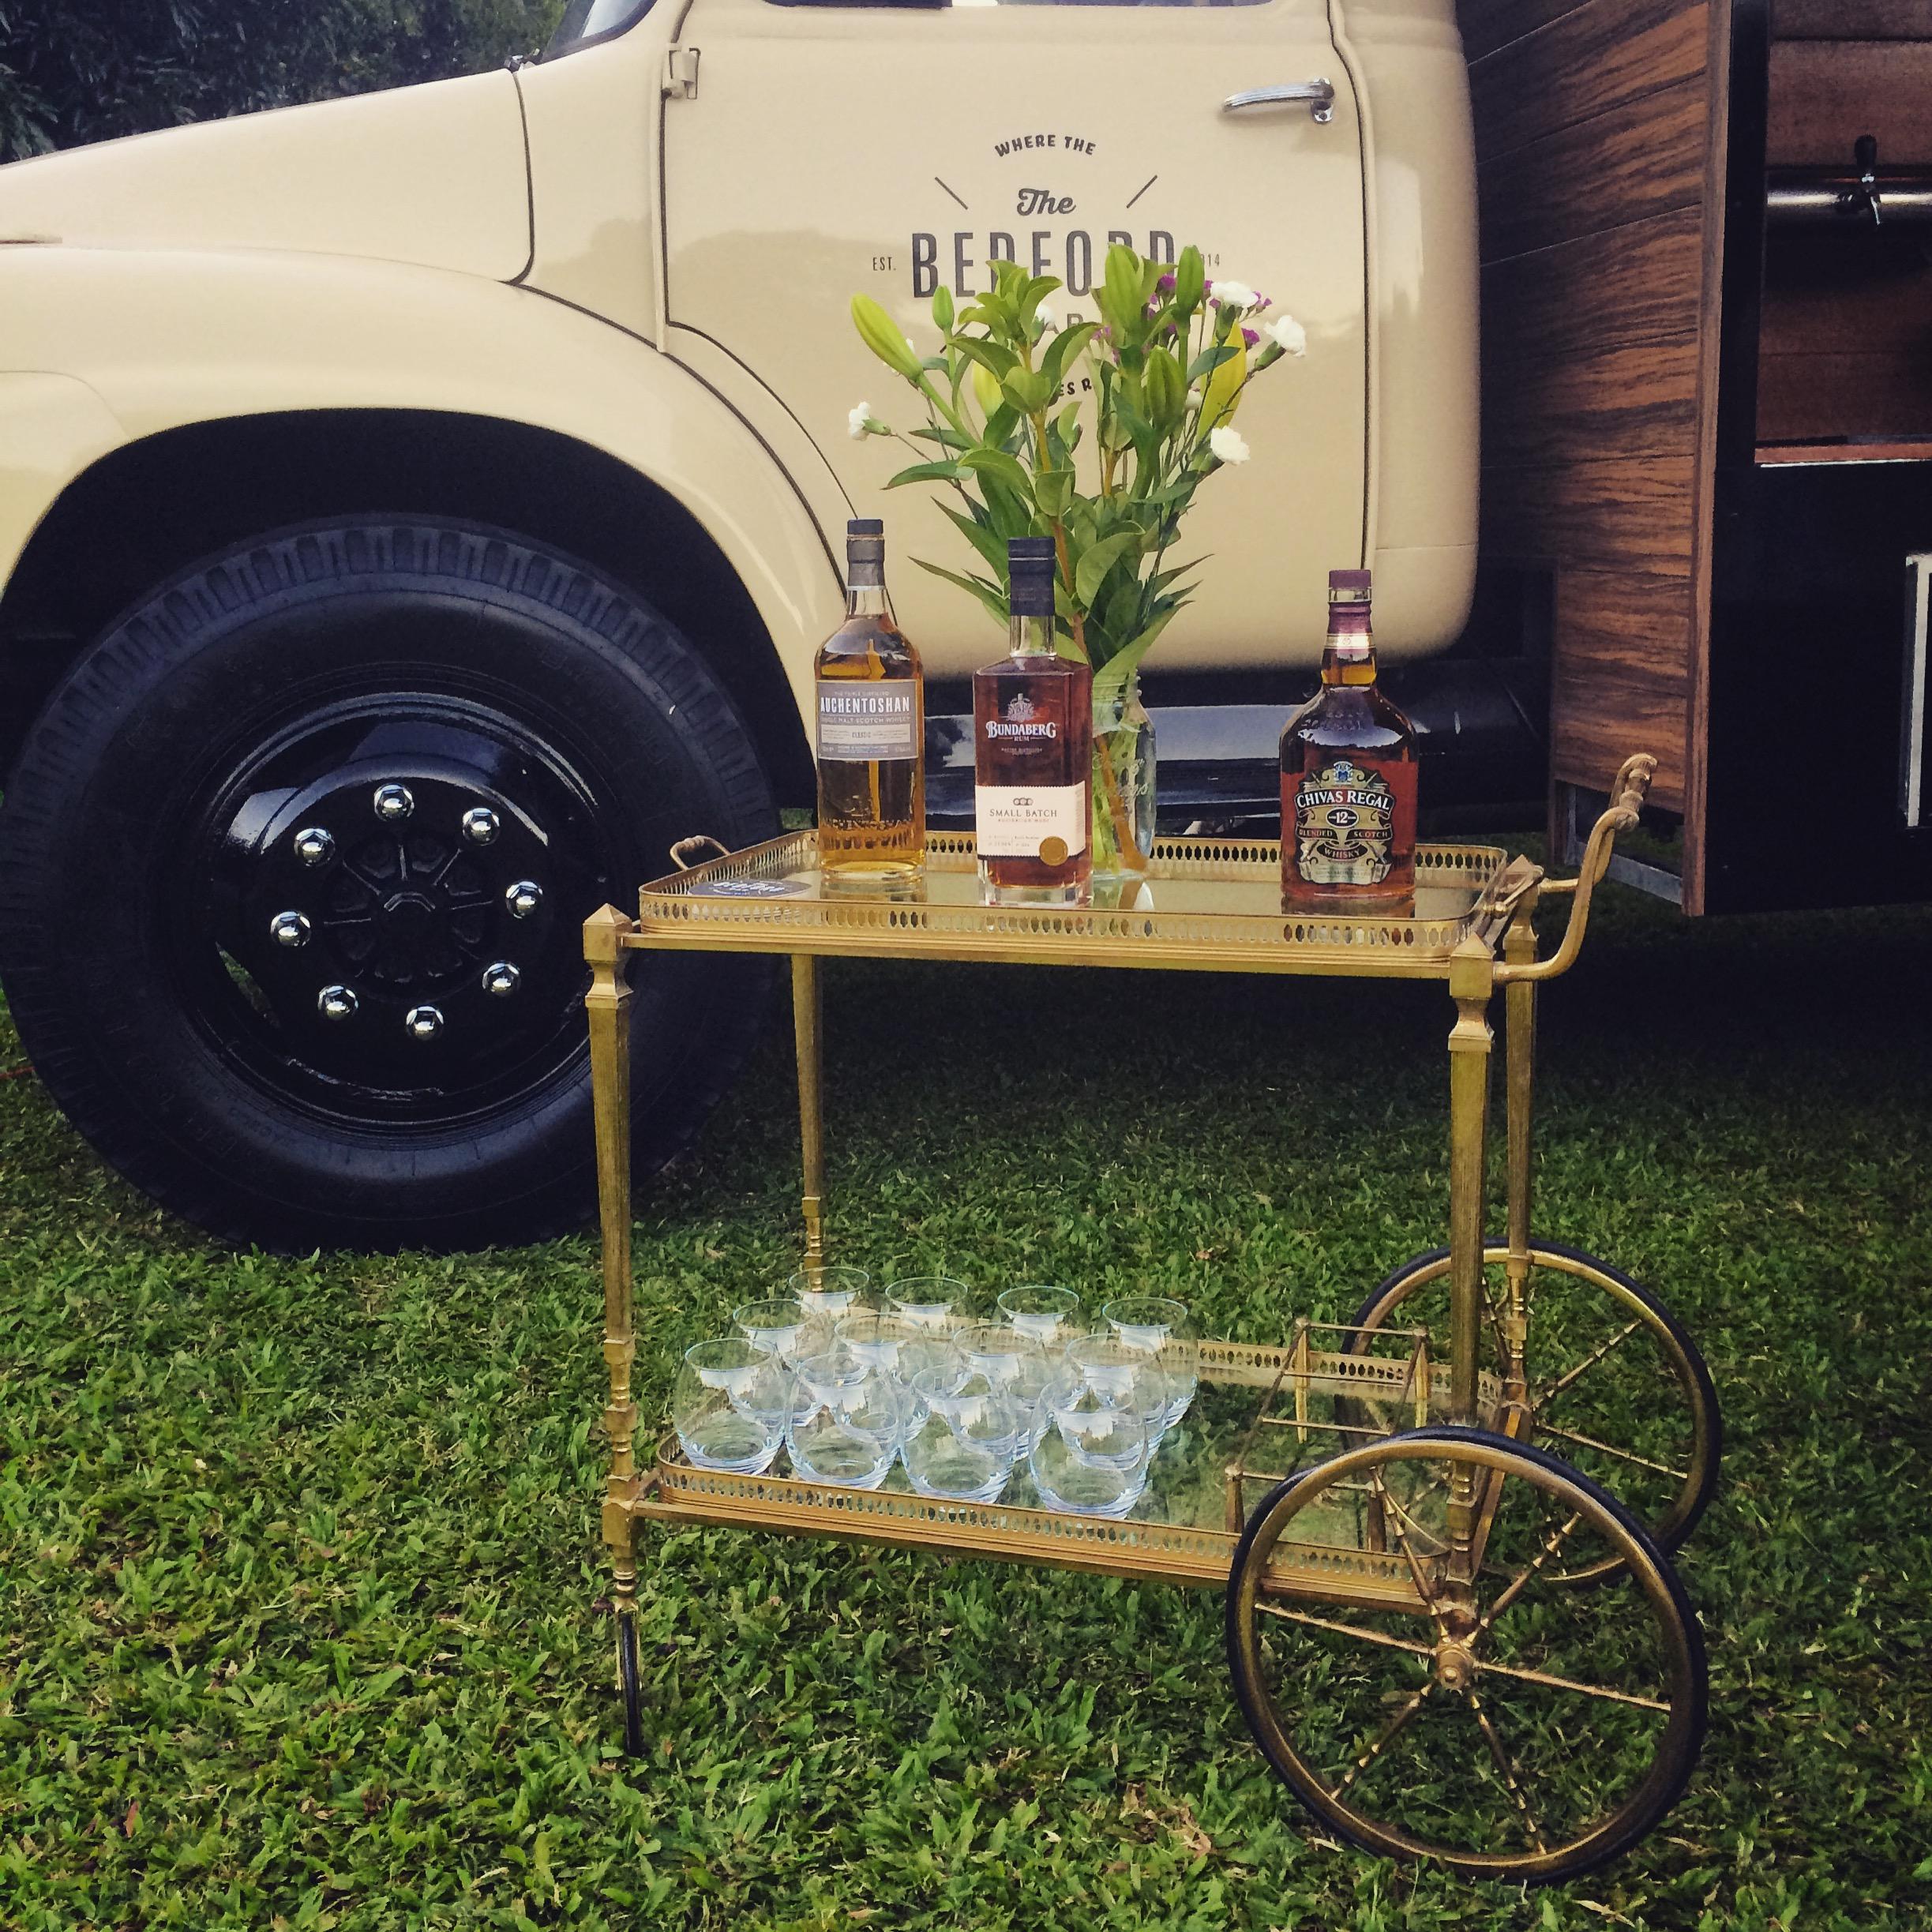 Vintage Whisky cart|The Bedford Bar